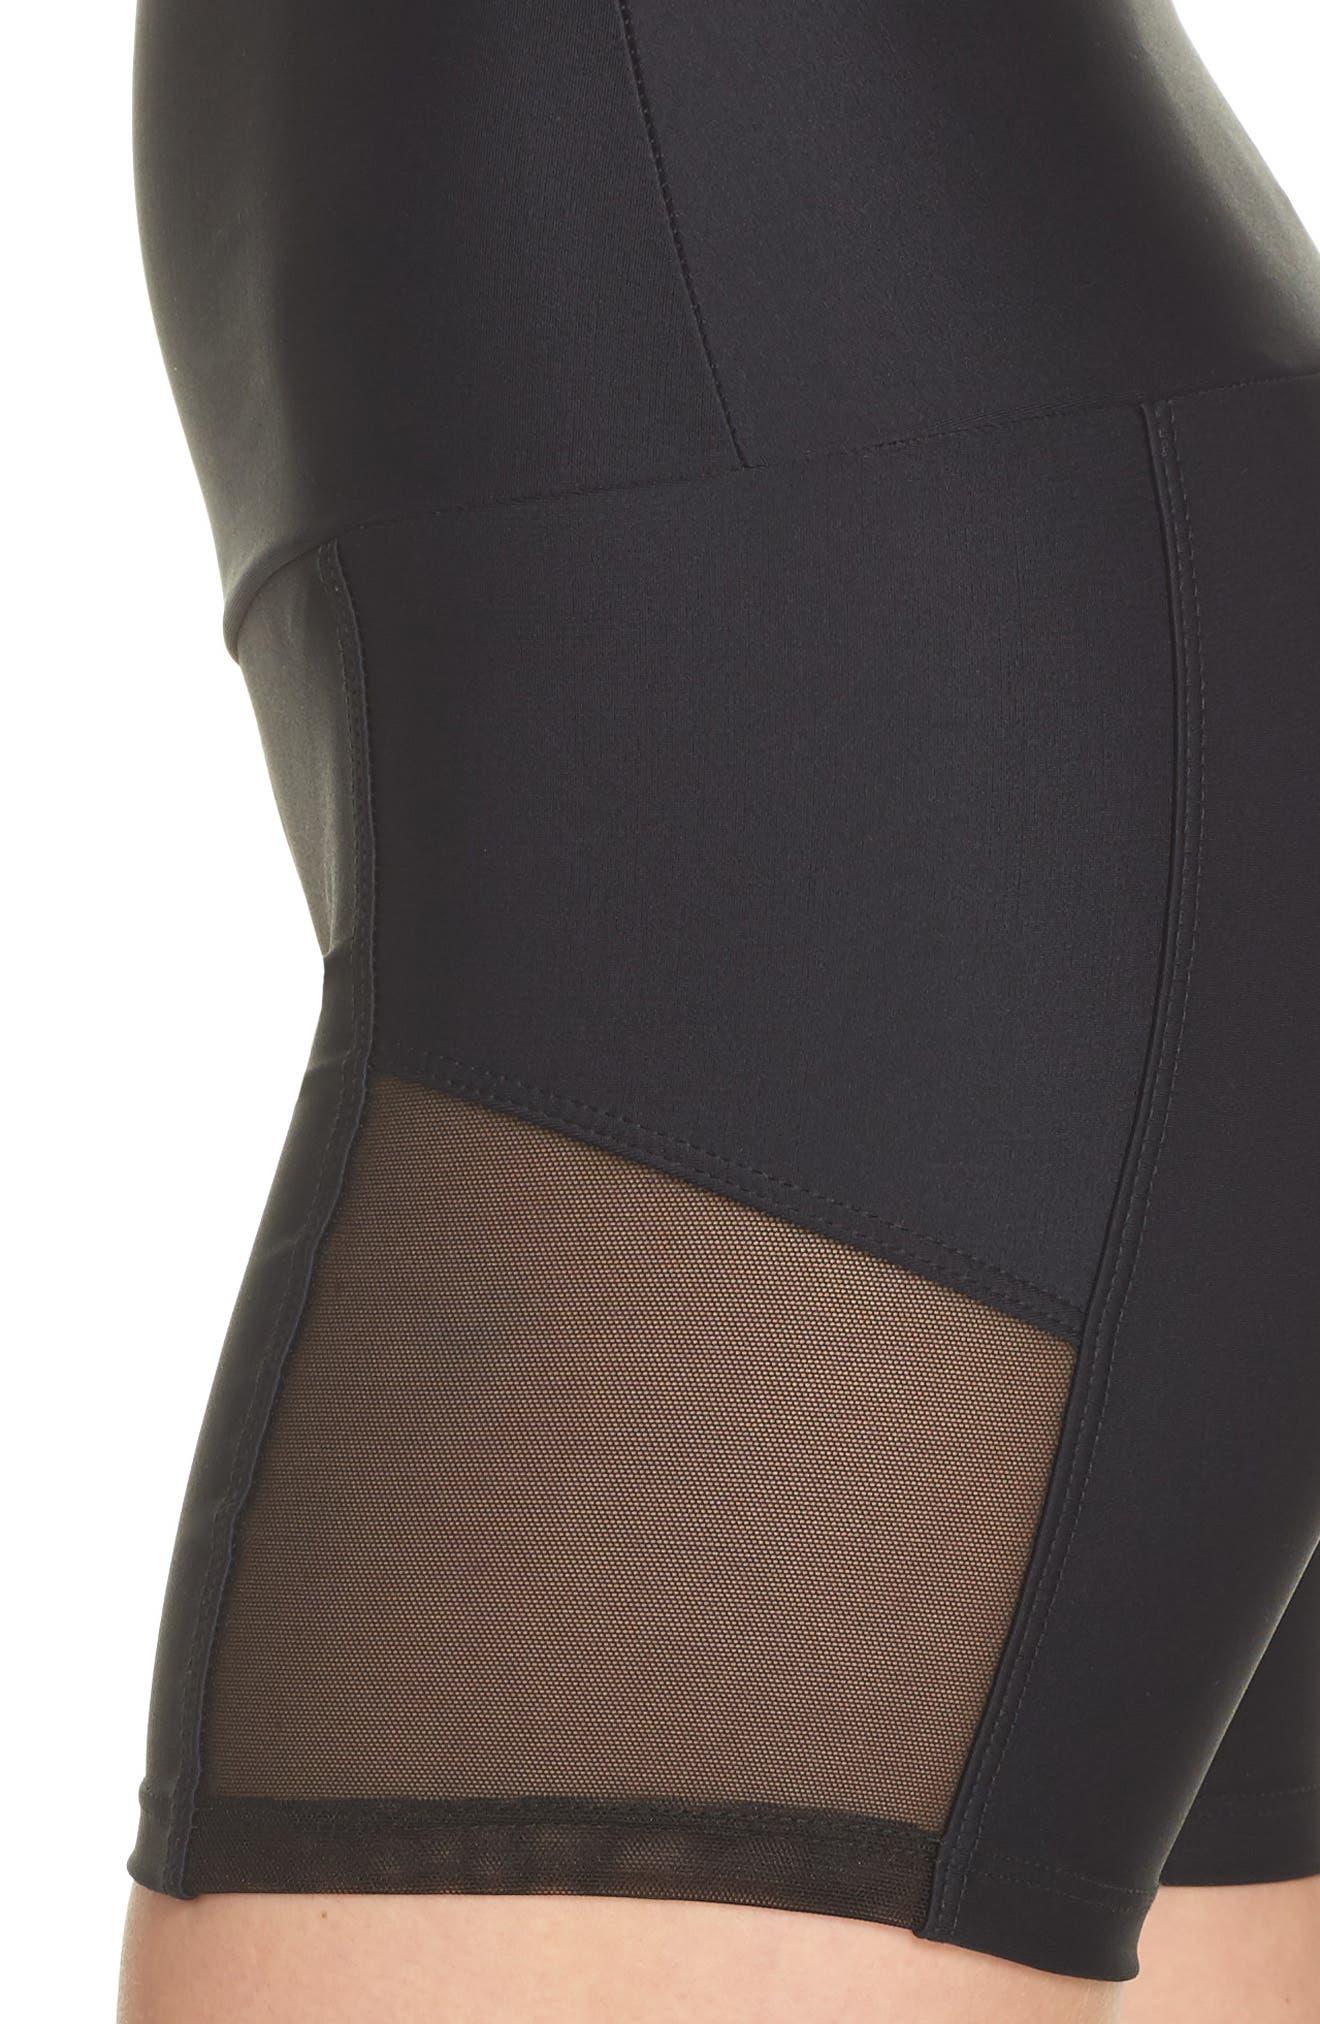 Stunner Shorts,                             Alternate thumbnail 4, color,                             Black